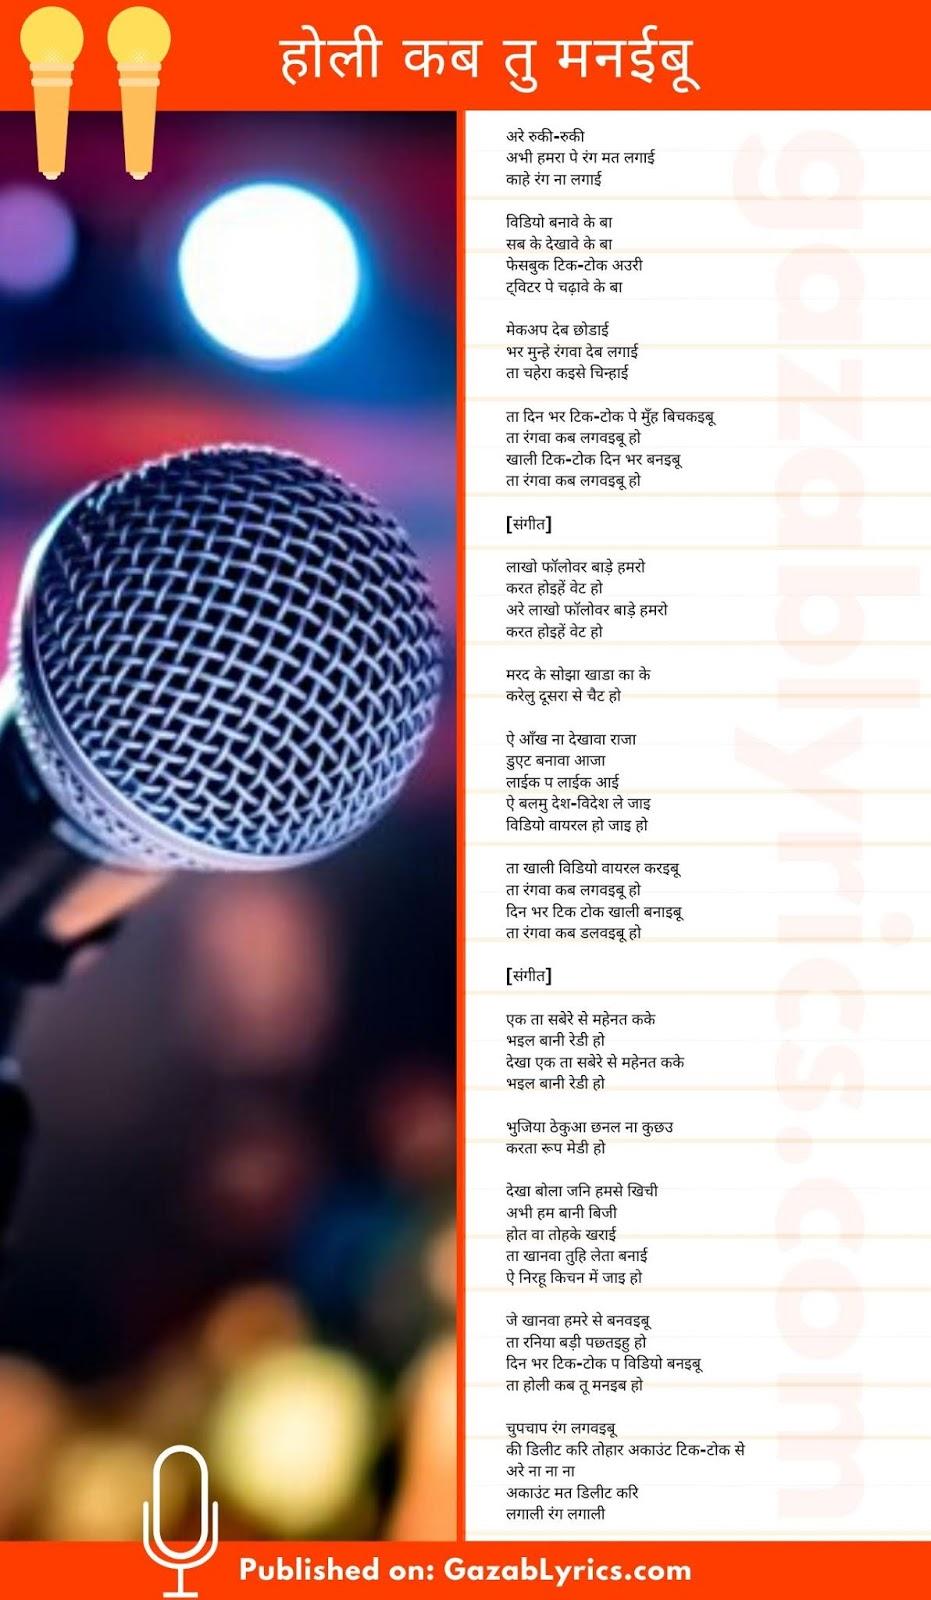 Holi Kab Tu Manaibu song lyrics image